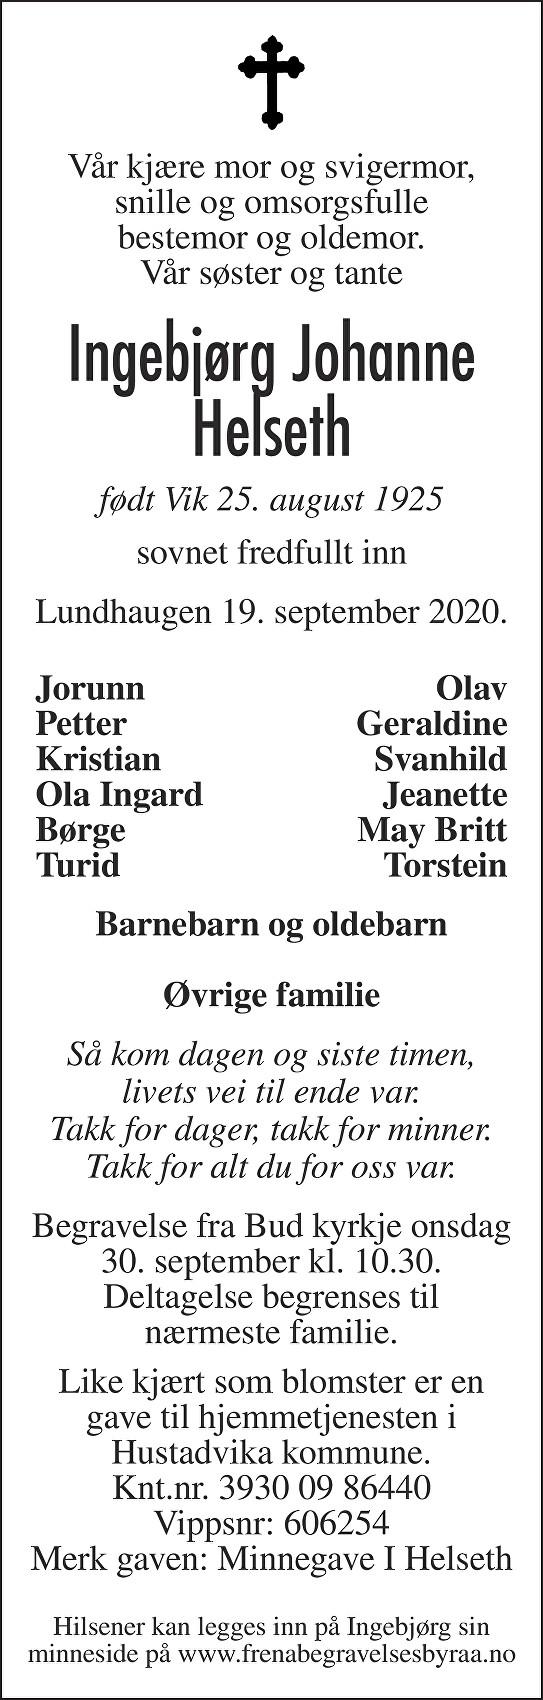 Ingebjørg Johanne Helseth Dødsannonse